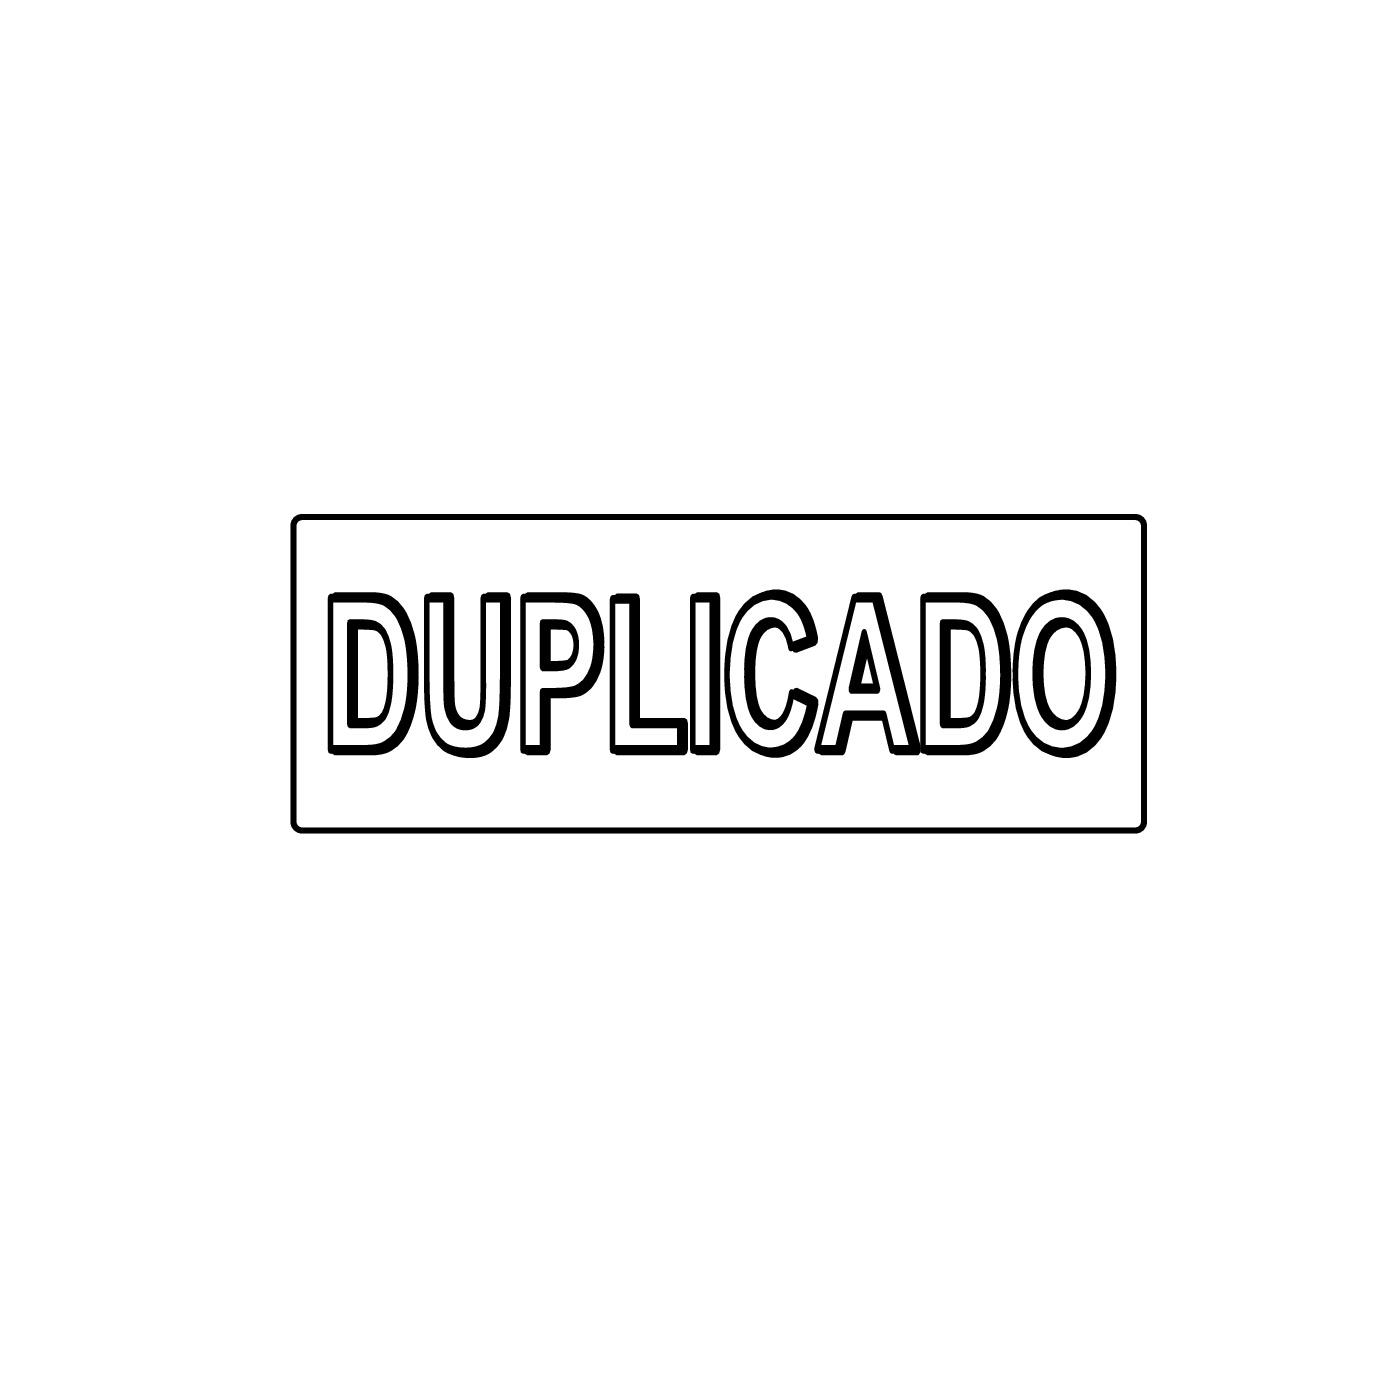 duplicado-001